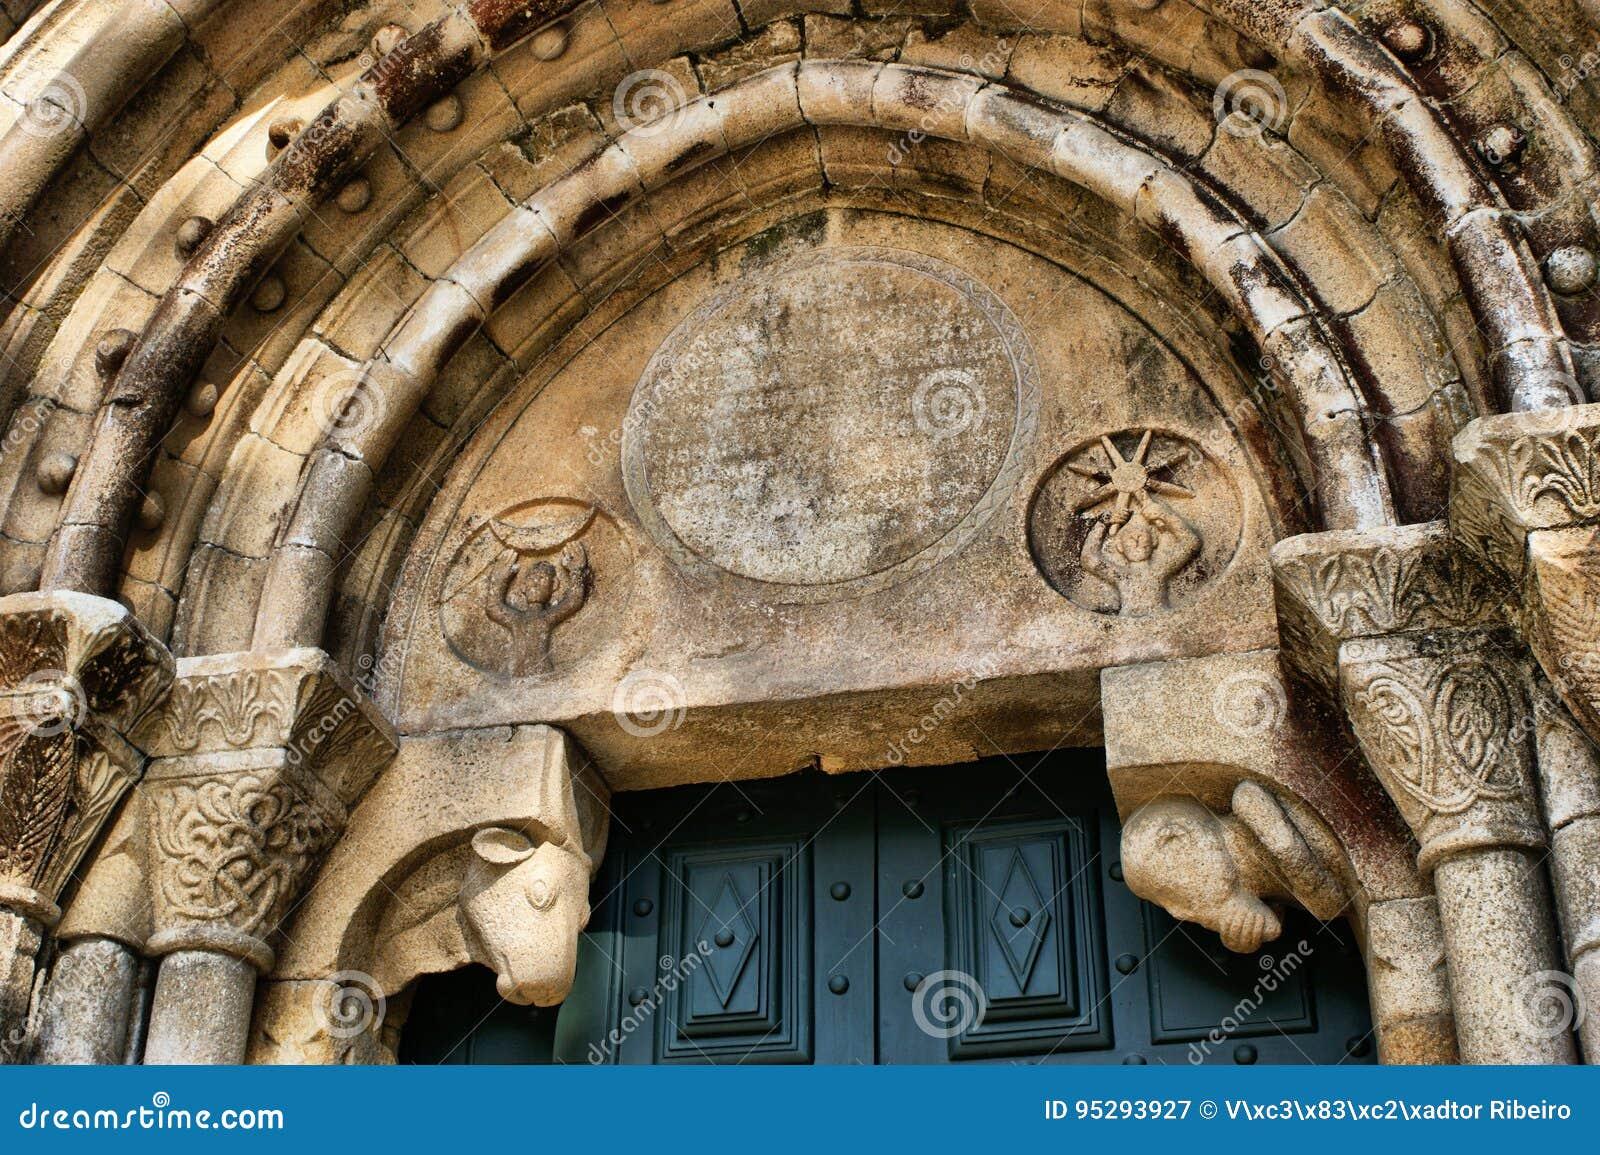 Capiteis do Mosteiro do Salvador de Paco de Sousa